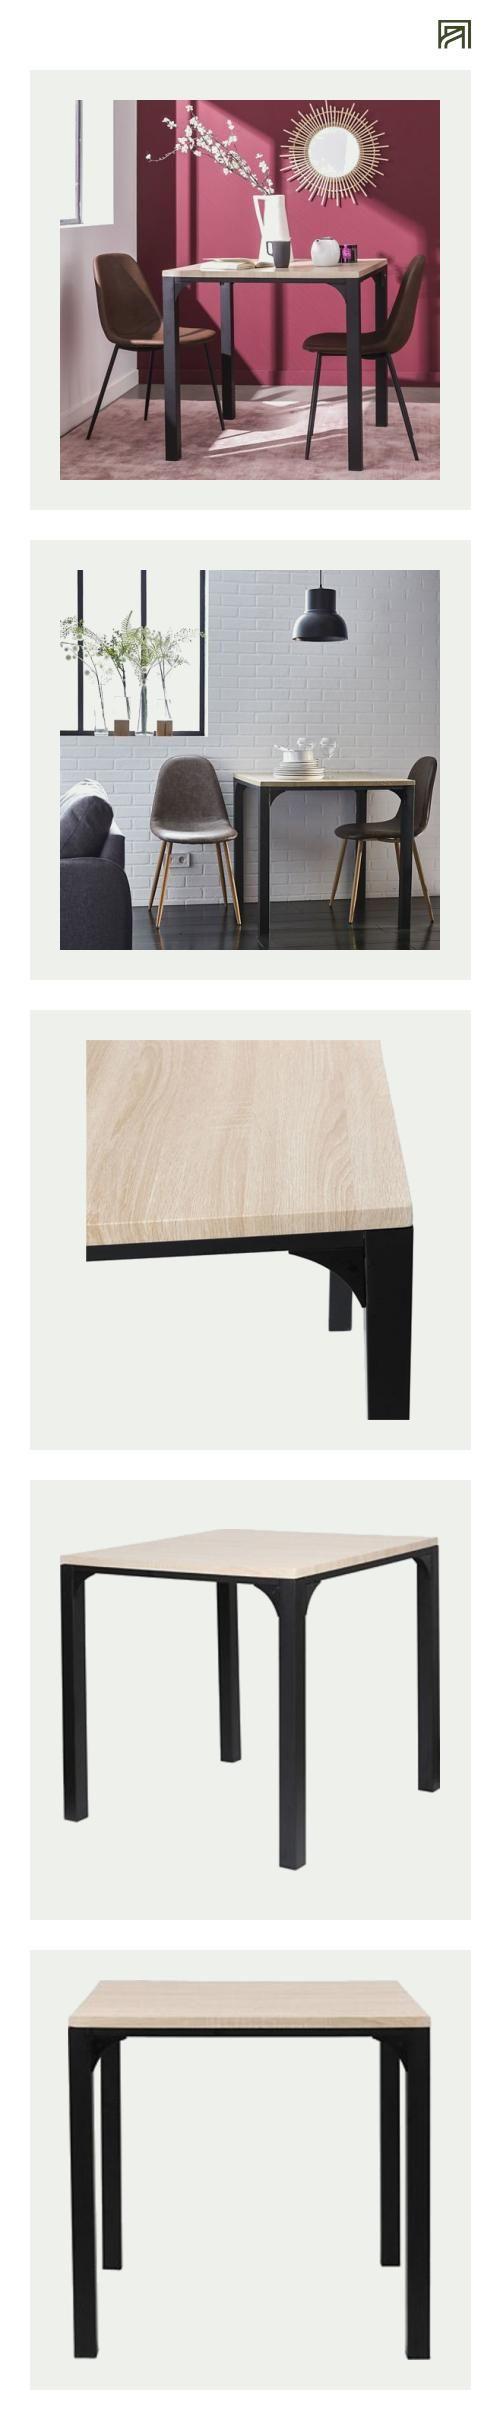 Alinea Kent Table Carree L80cm 4 Convives Alinea Decoration Table Inspiration Meubles Et Table Salle A Manger Salle A Manger Alinea Meuble Deco